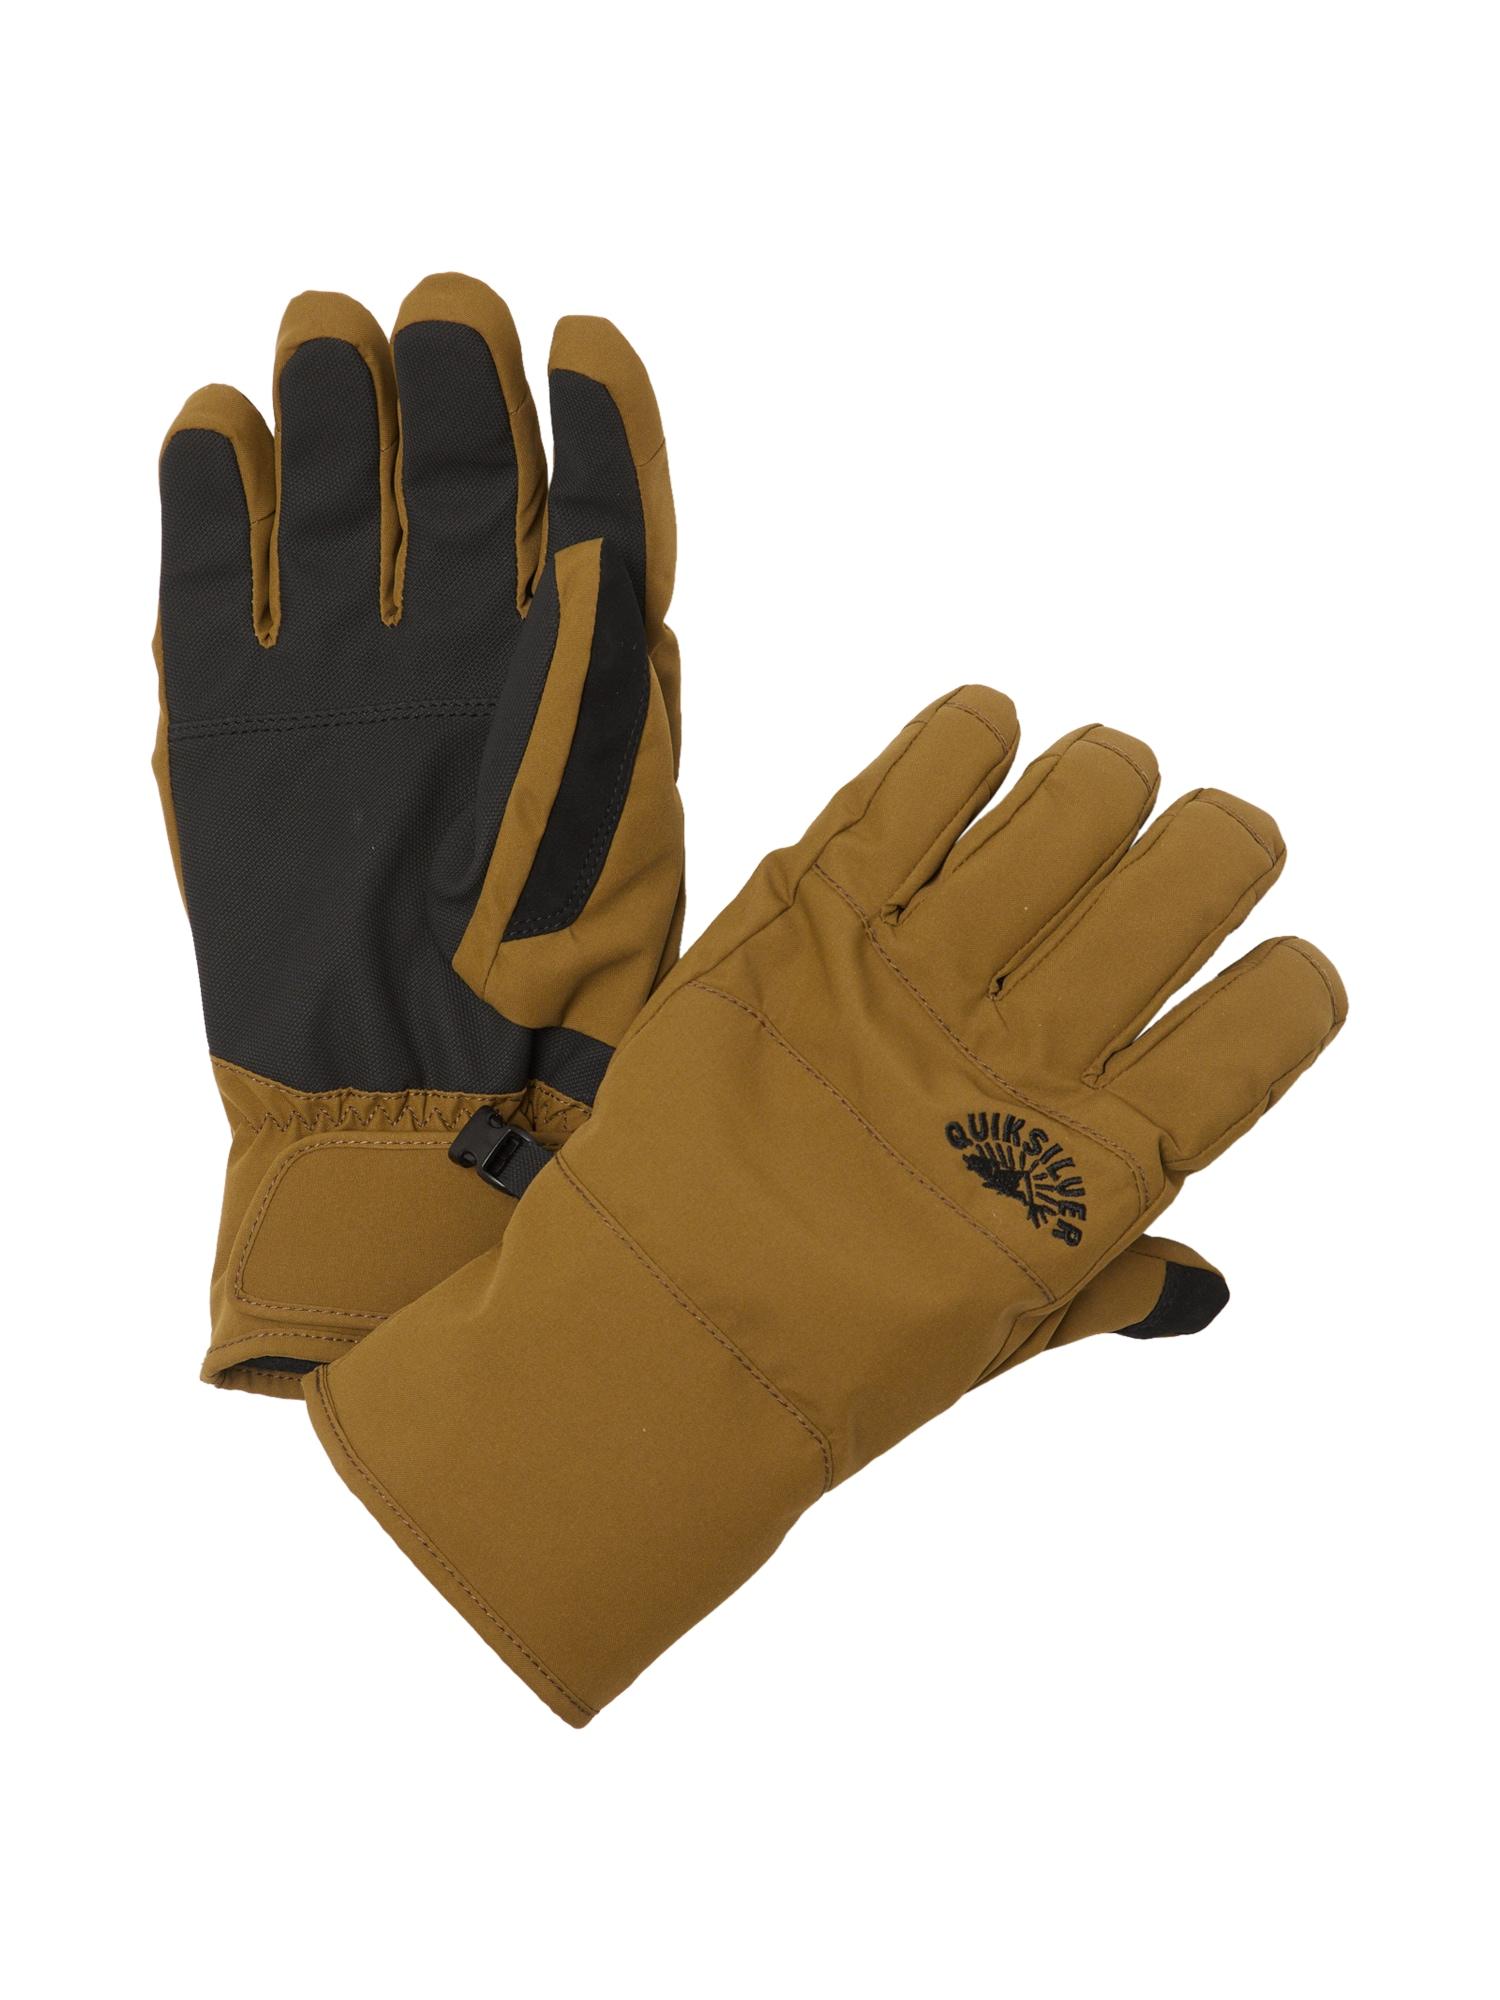 QUIKSILVER Sportovní rukavice  barvy bláta / olivová